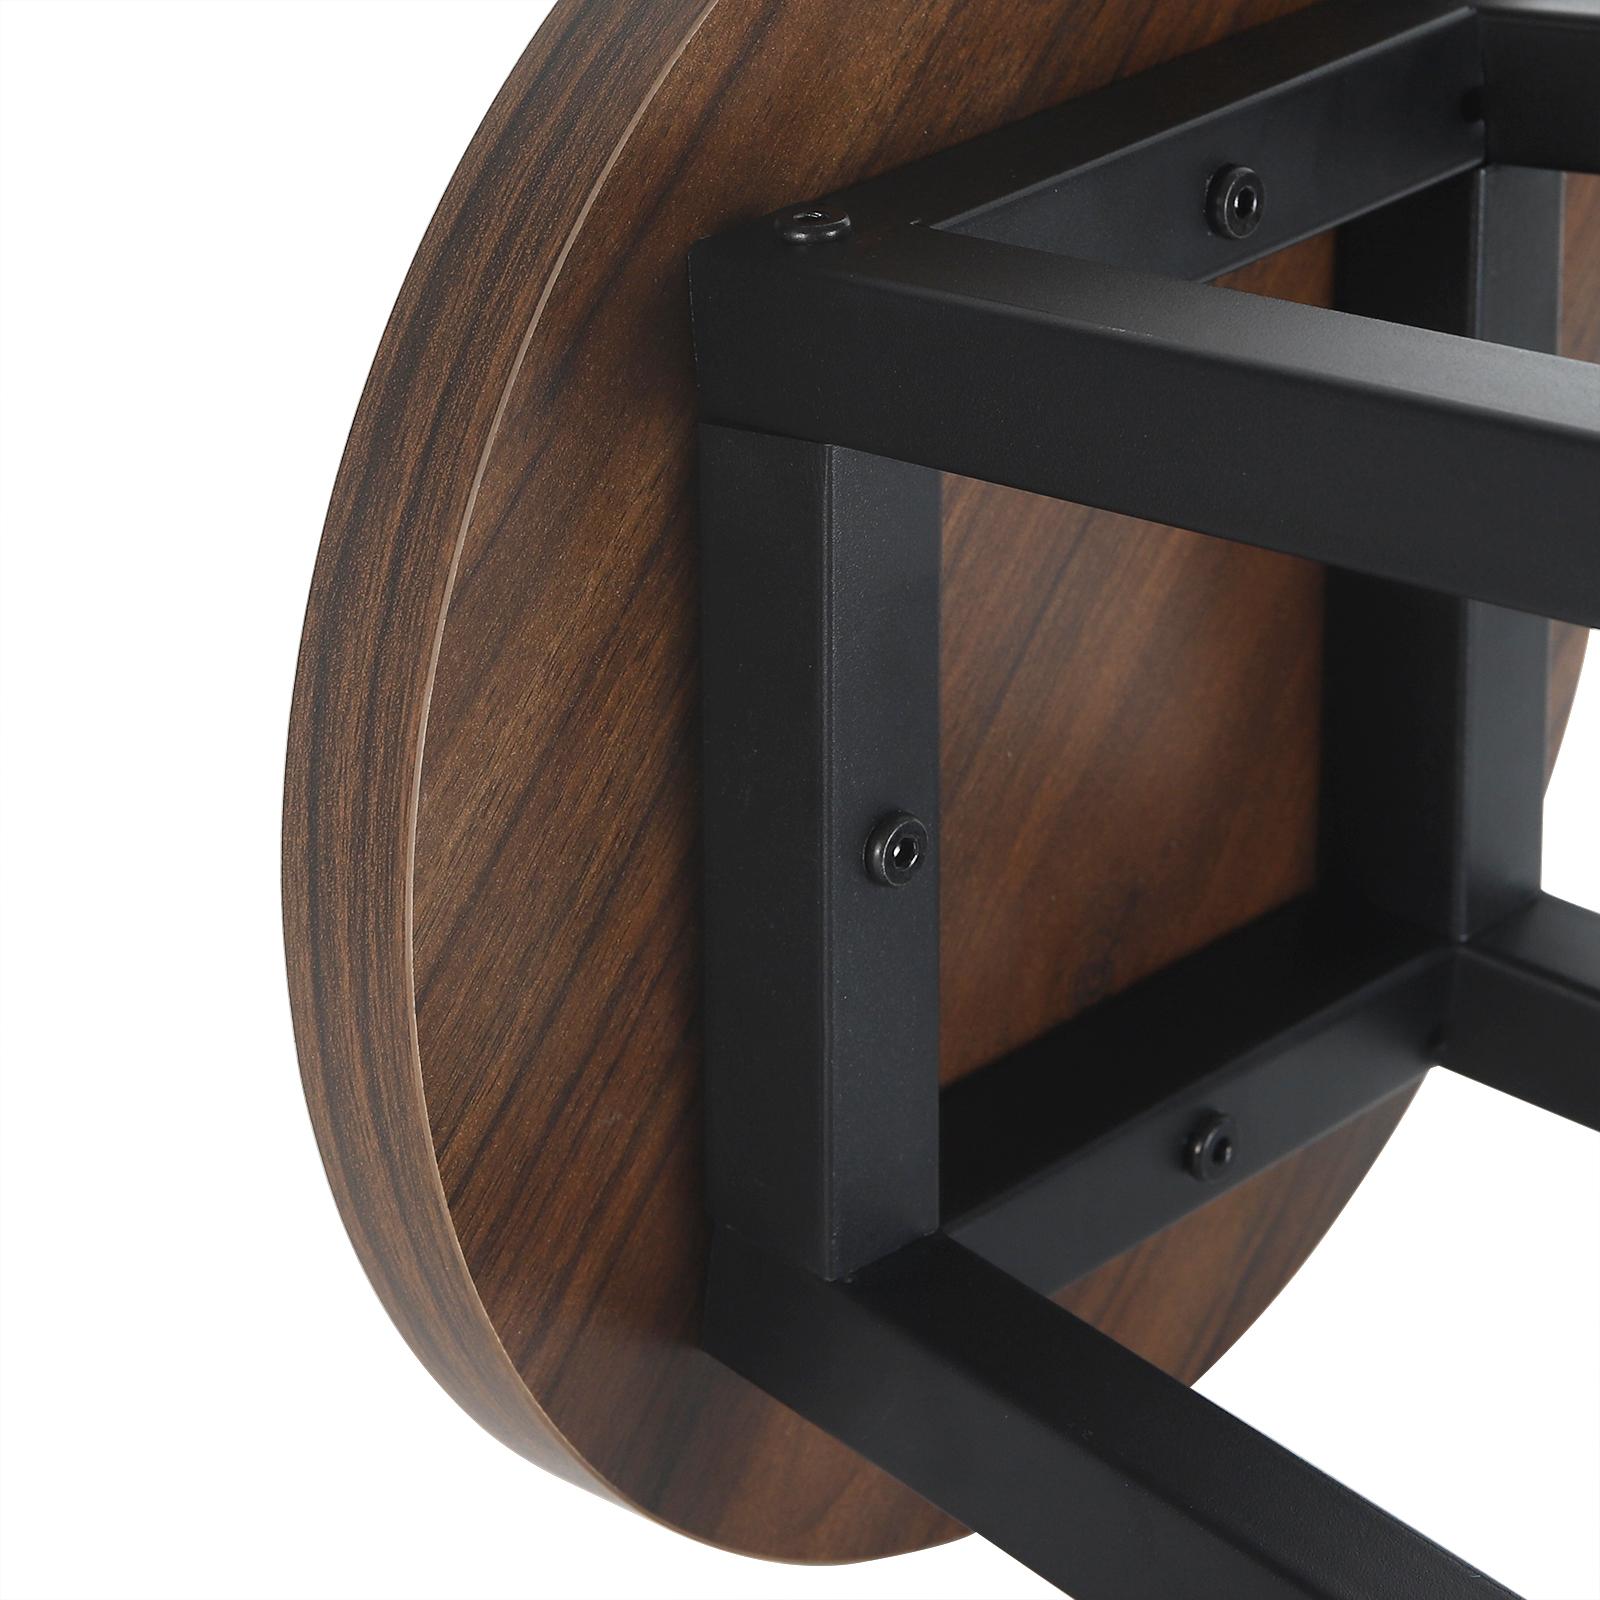 Indexbild 8 - 2 X Esszimmerstühle Küchenstühle aus Metall und Holz,Dunkelbuche BH297dc-2